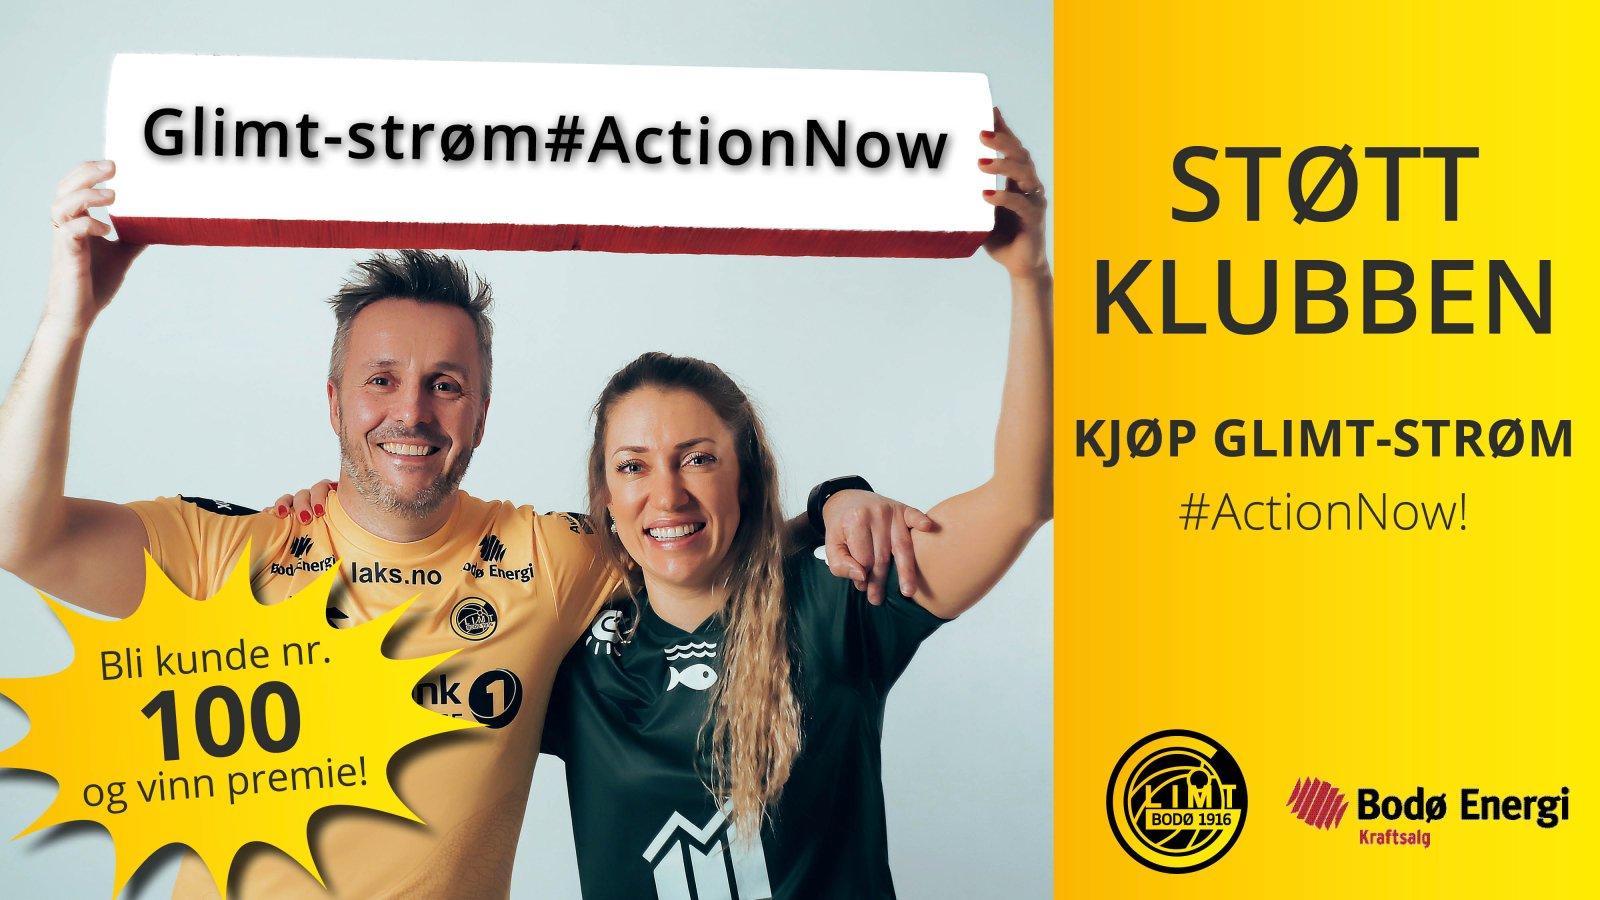 Glimt-strøm #ActionNow Bodø Energi